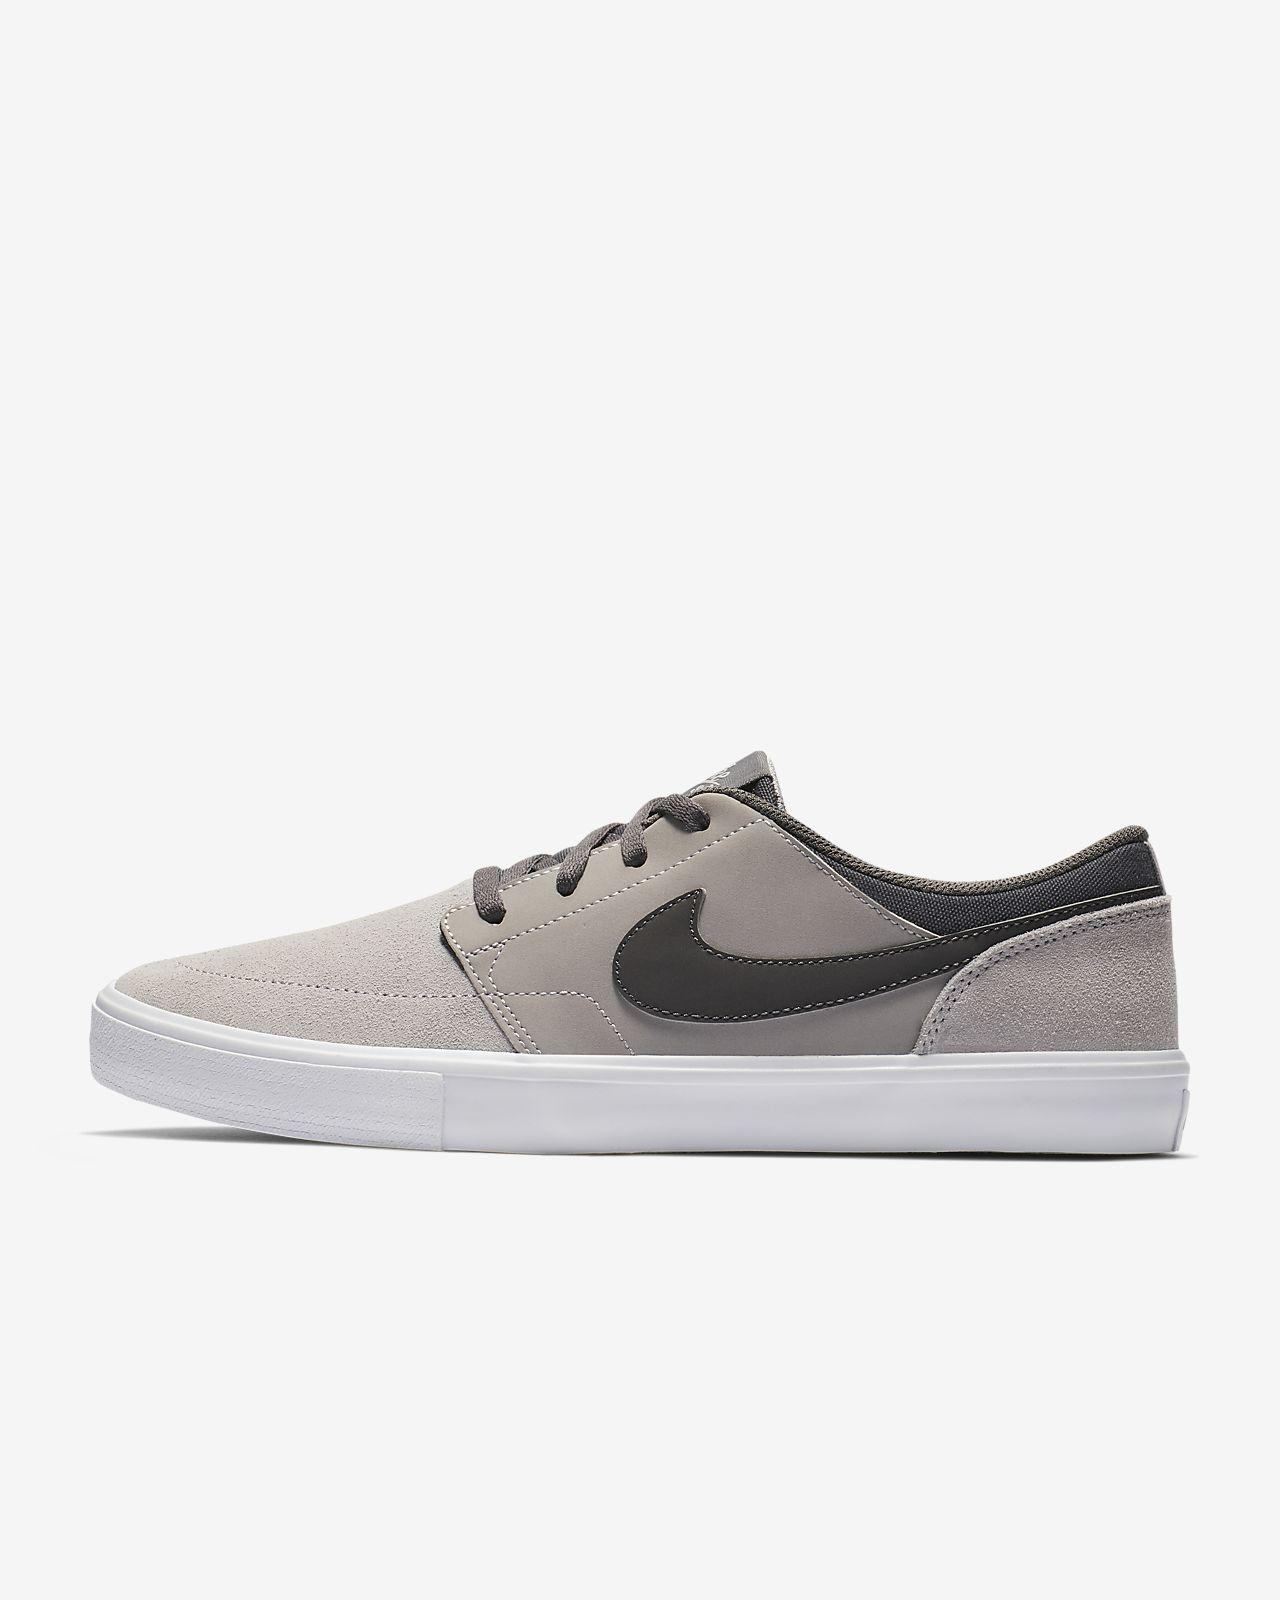 new styles a52e0 dc004 ... Nike SB Solarsoft Portmore II - skatersko til mænd